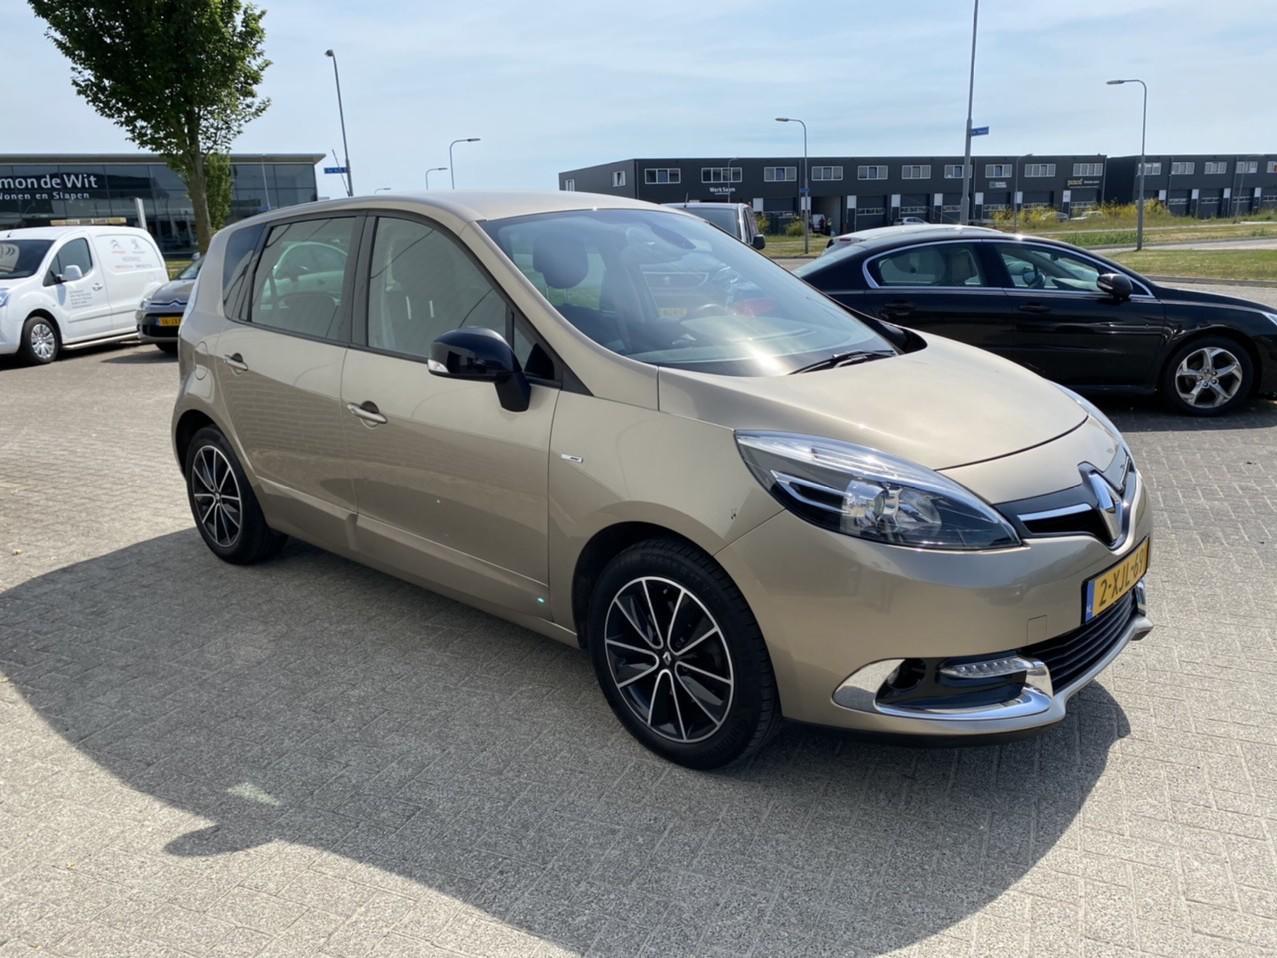 Renault Scénic Bose 115 pk rijklaar prijs